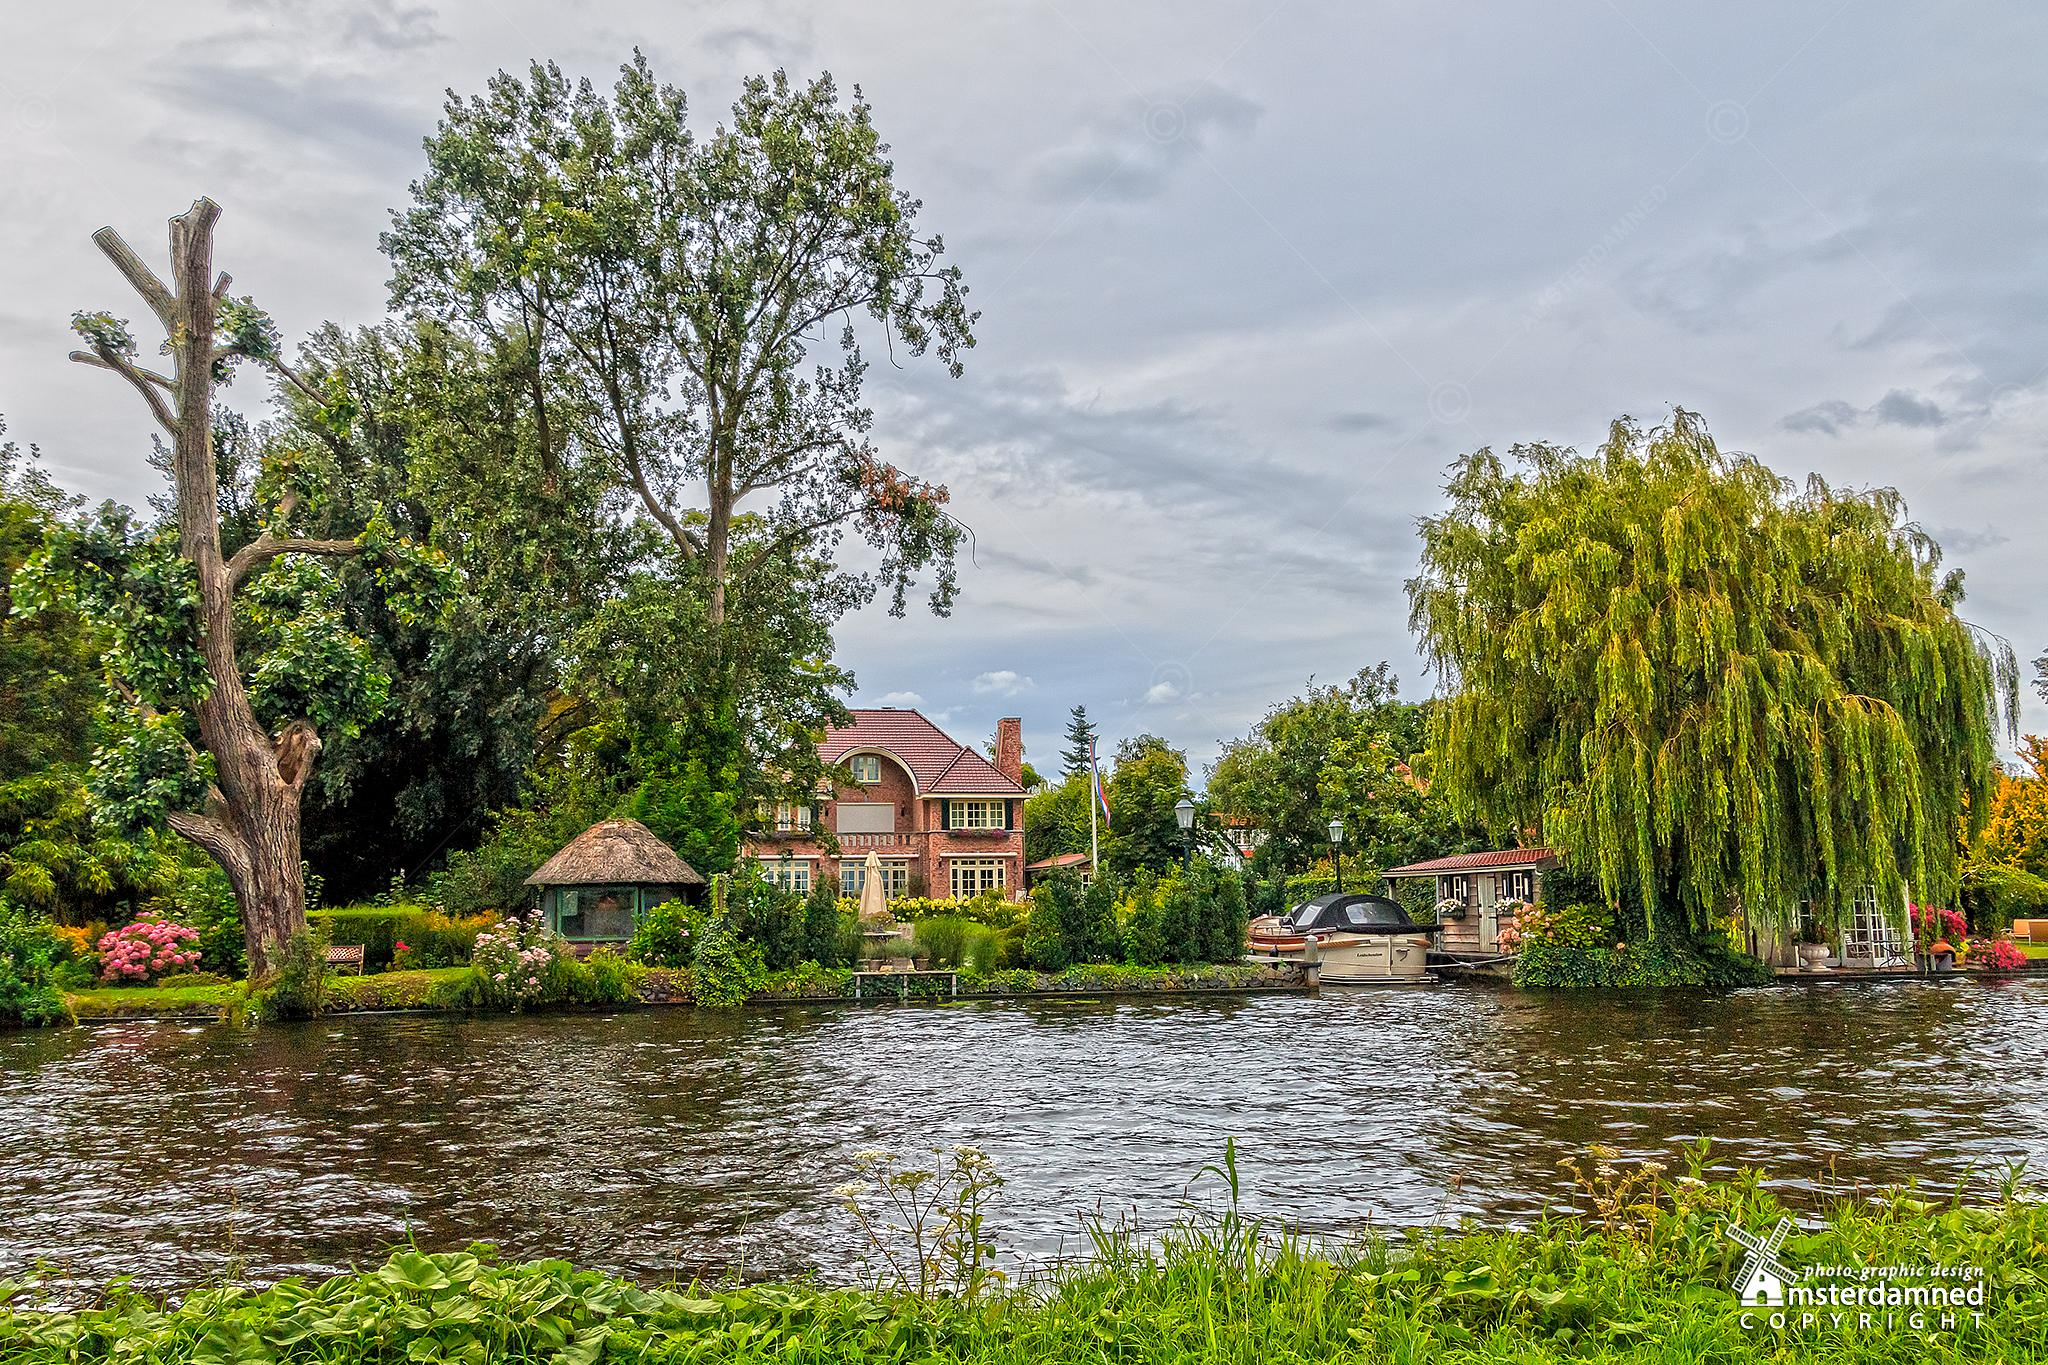 Leidschendam, The Netherlands by Michael